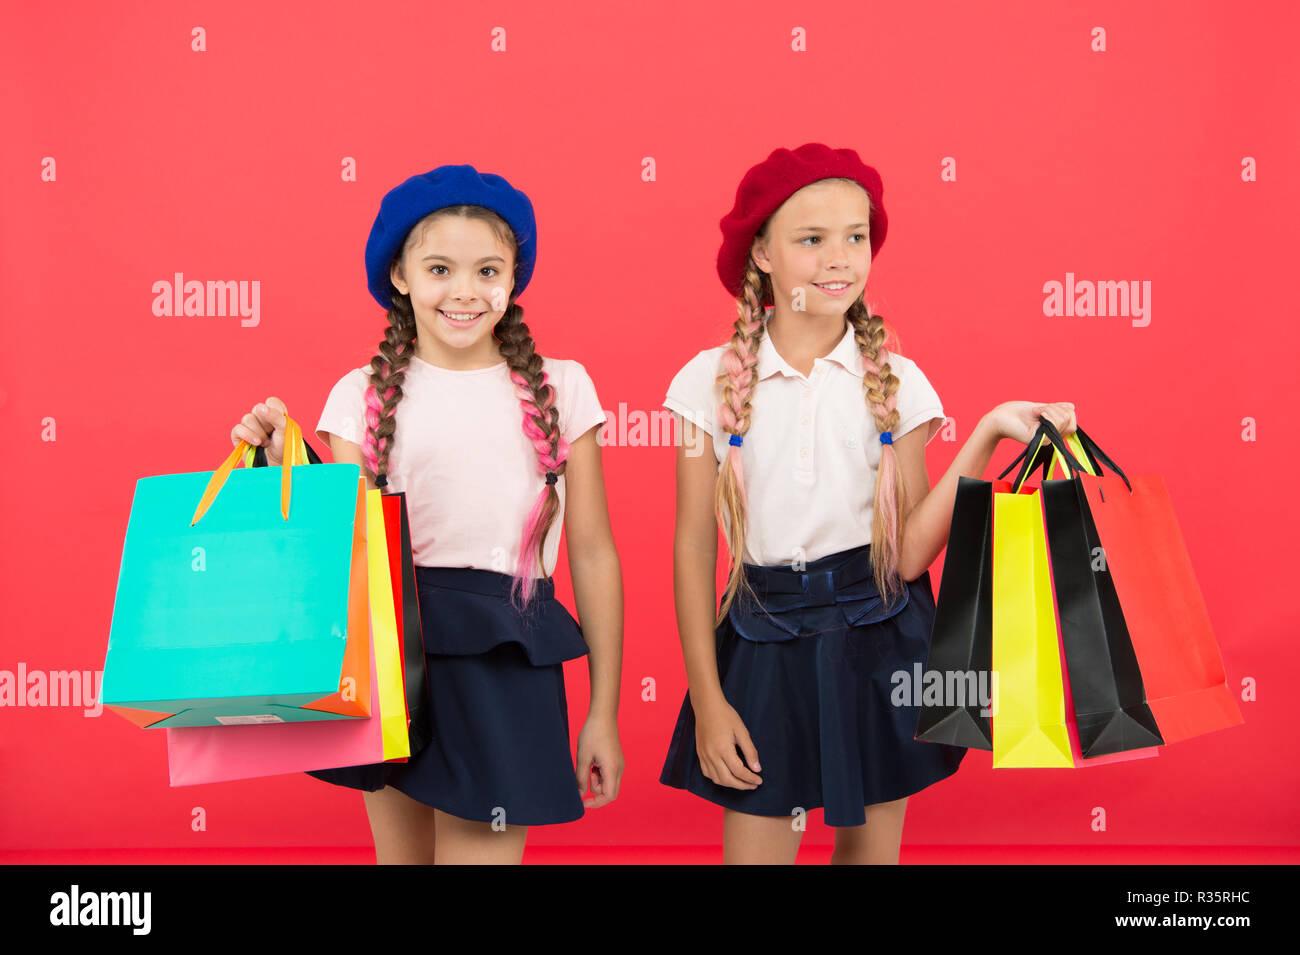 Les enfants élèves satisfaits par votre fond rouge. Obsédé par le shopping centres commerciaux et de l'habillement. Accro du concept. Signes que vous êtes accro au shopping. Enfants cute écolières tenir bunch sacs. Photo Stock